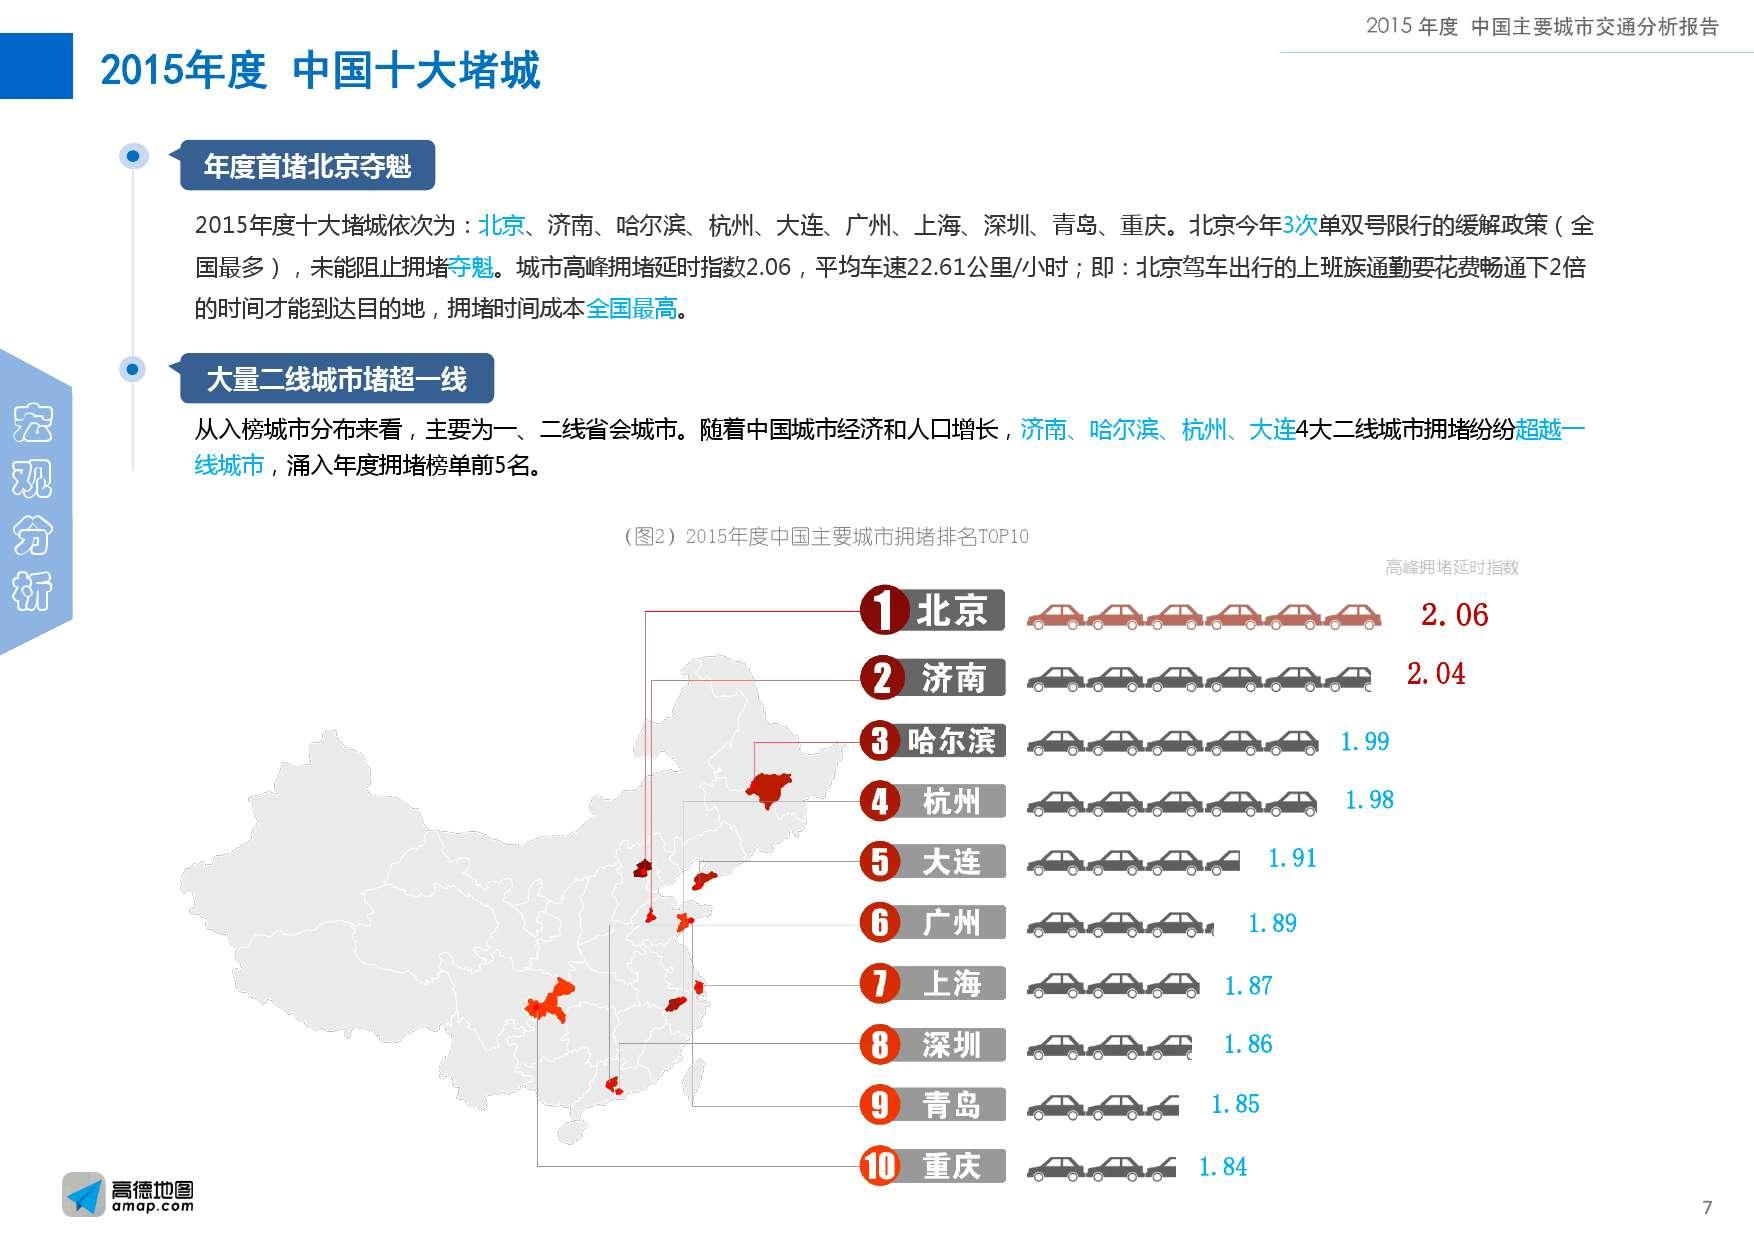 2015年度中国主要城市交通分析报告-final_000007